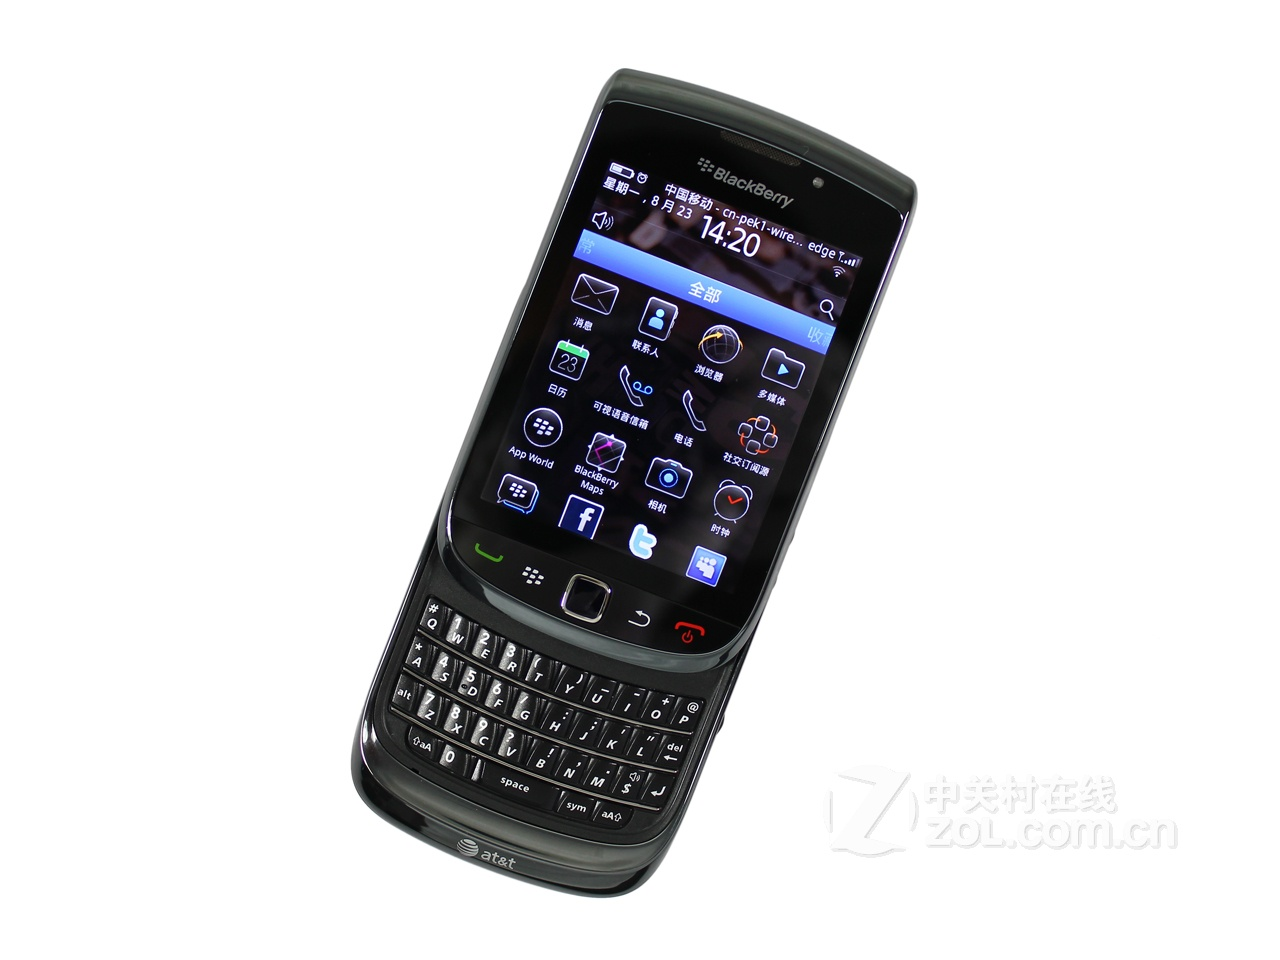 大同黑莓9800售3100元 滑盖触控全键盘